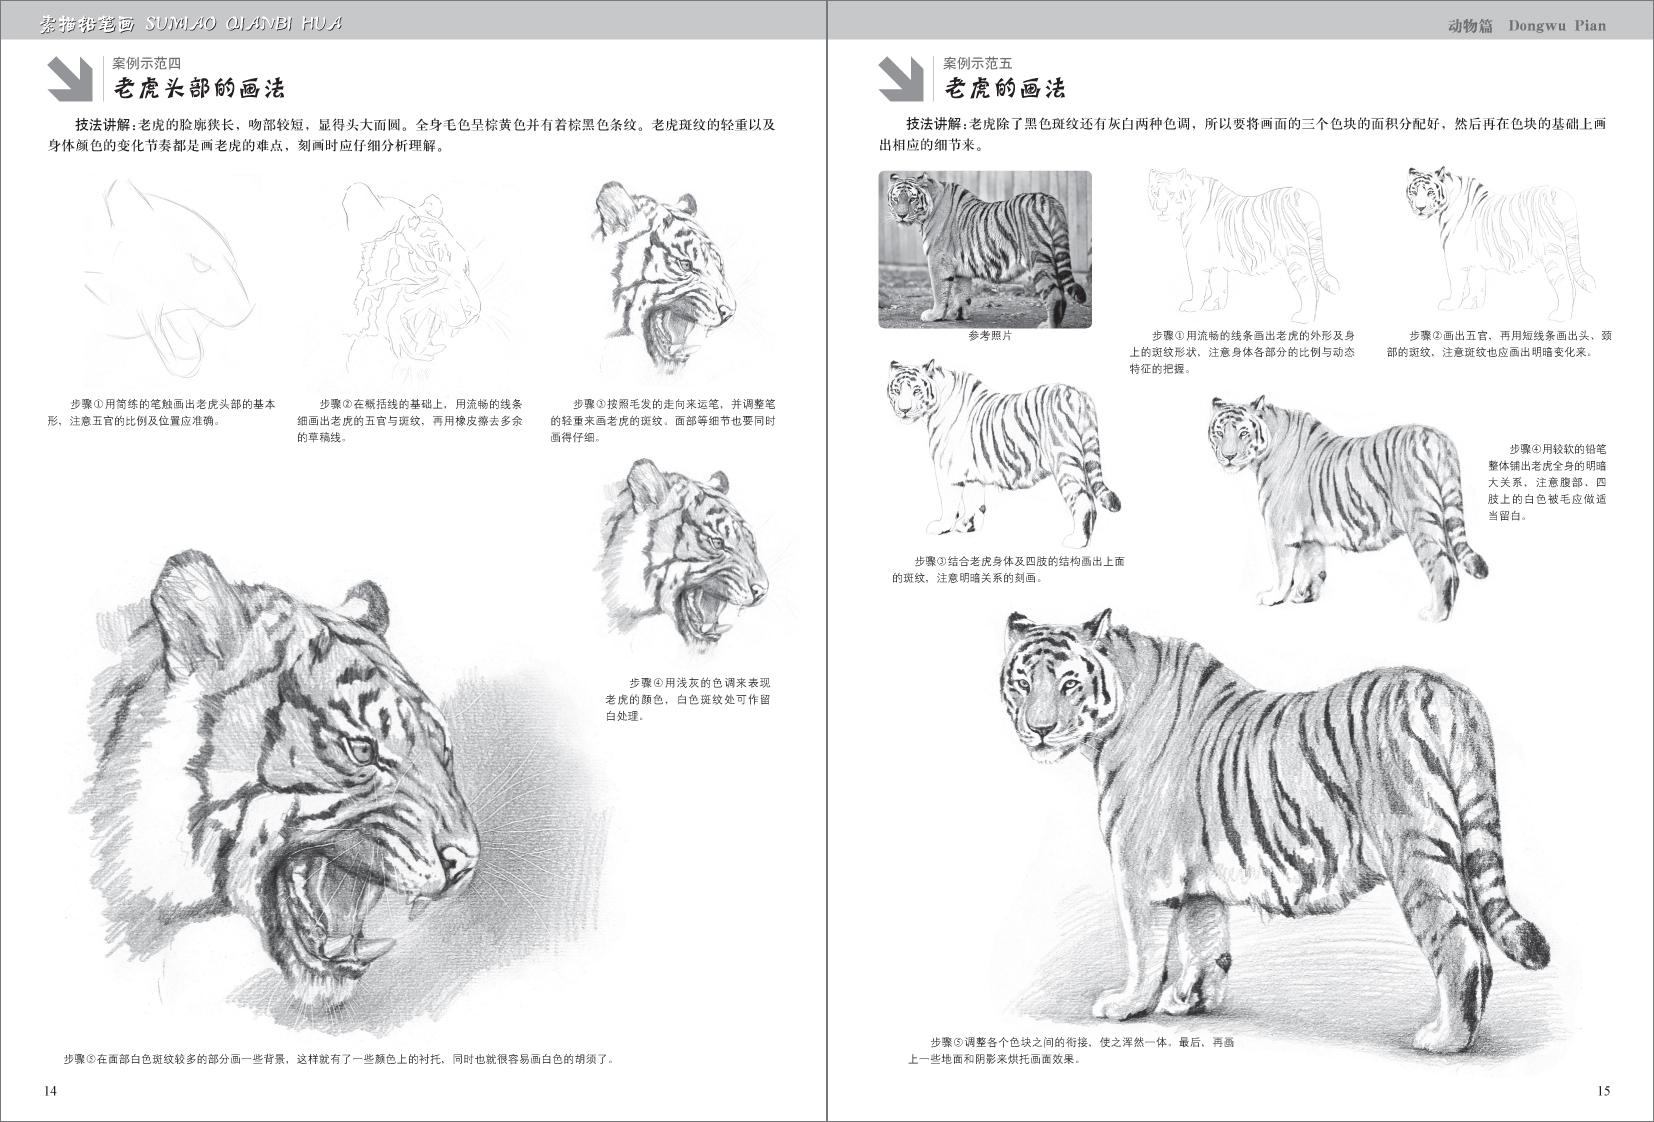 正版 素描铅笔画 动物篇 画马虎狮子兔猪等画法 手绘新生必备从入门到图片